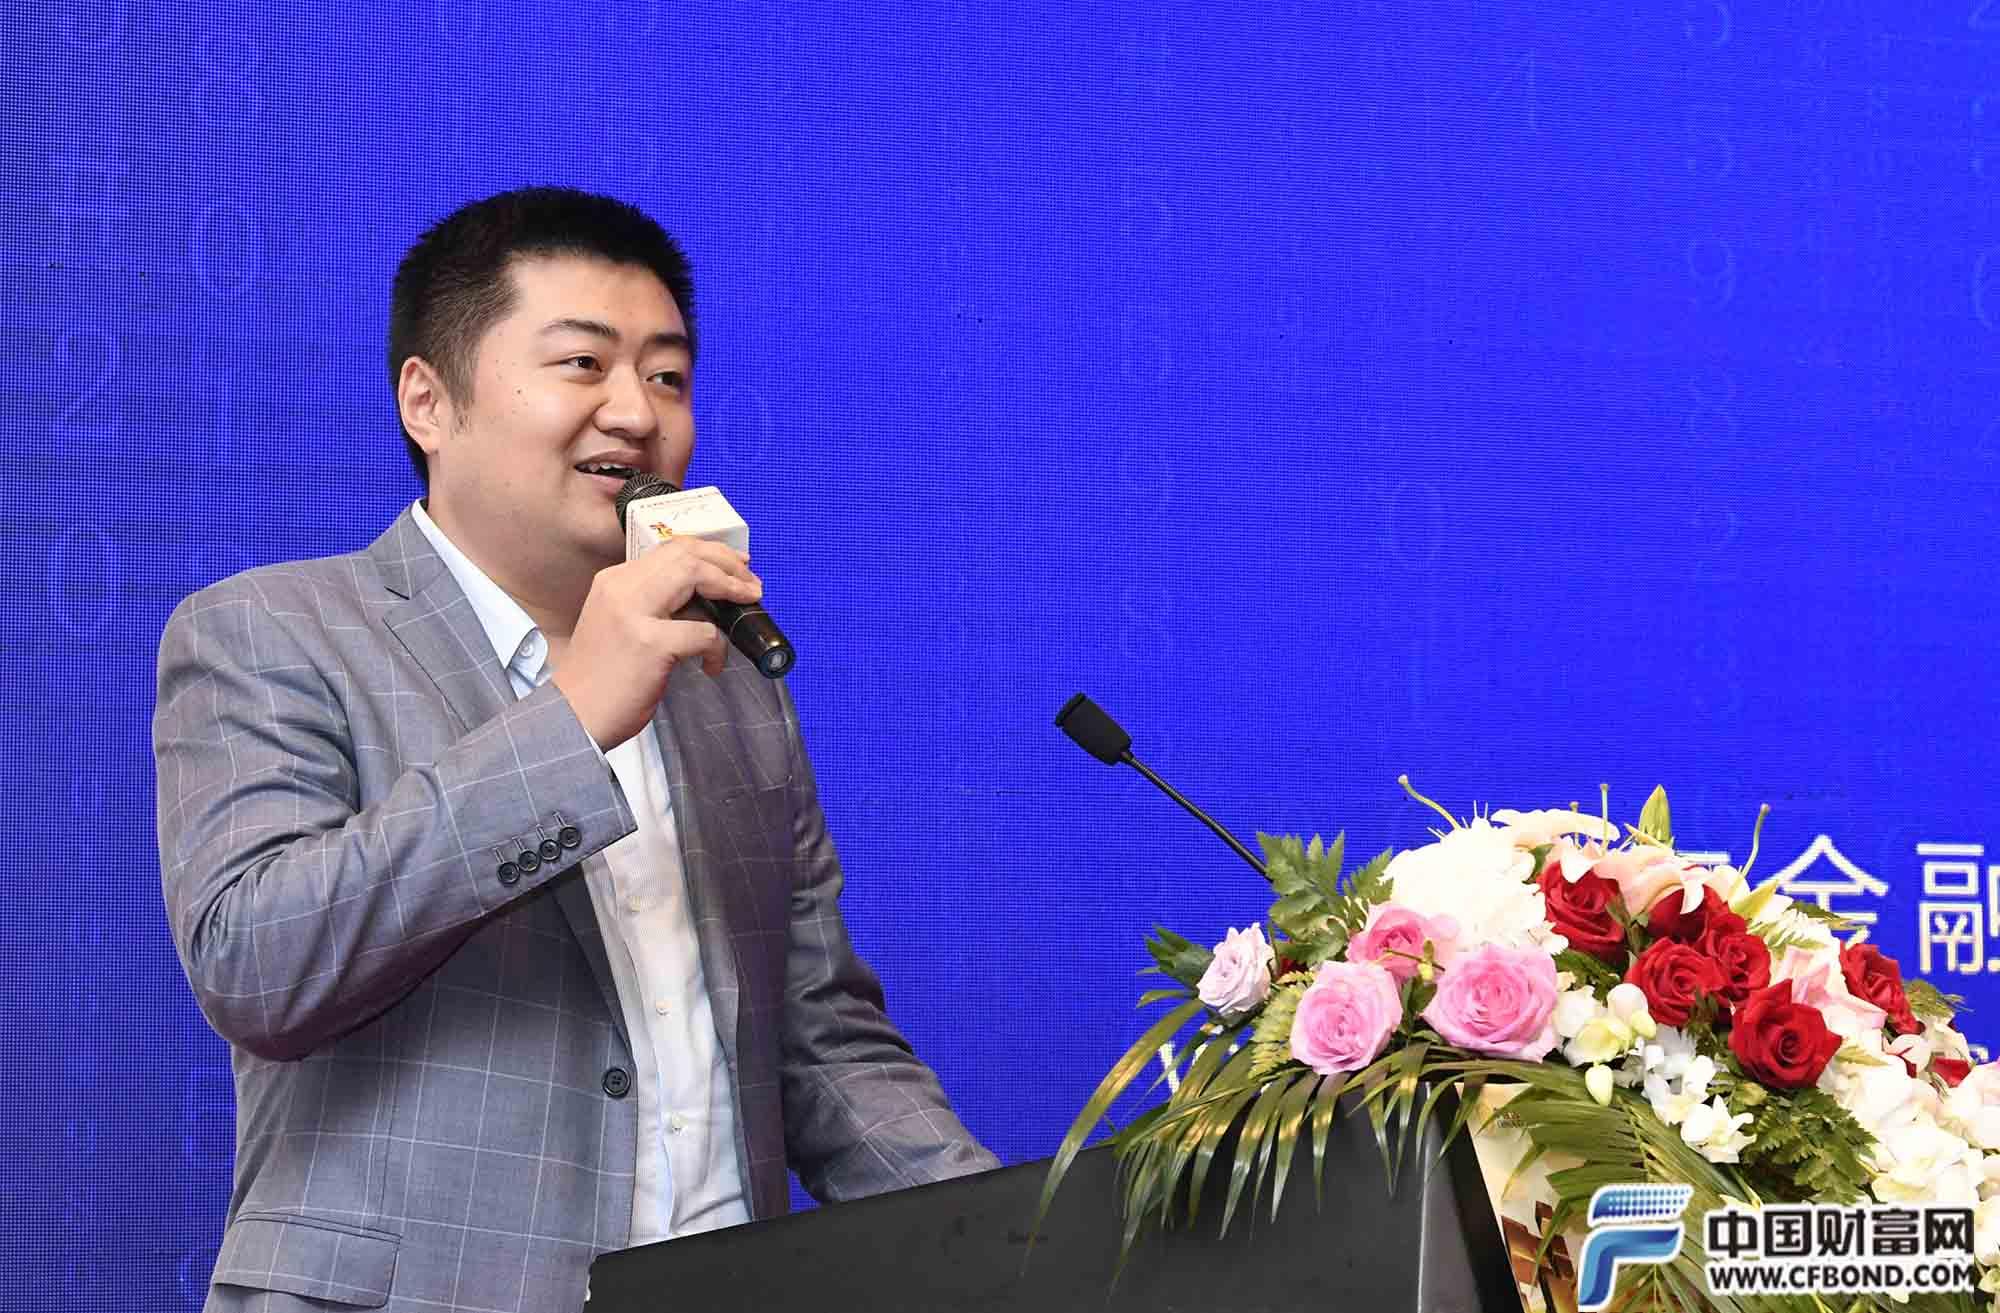 京东金融副总裁周宇航致辞